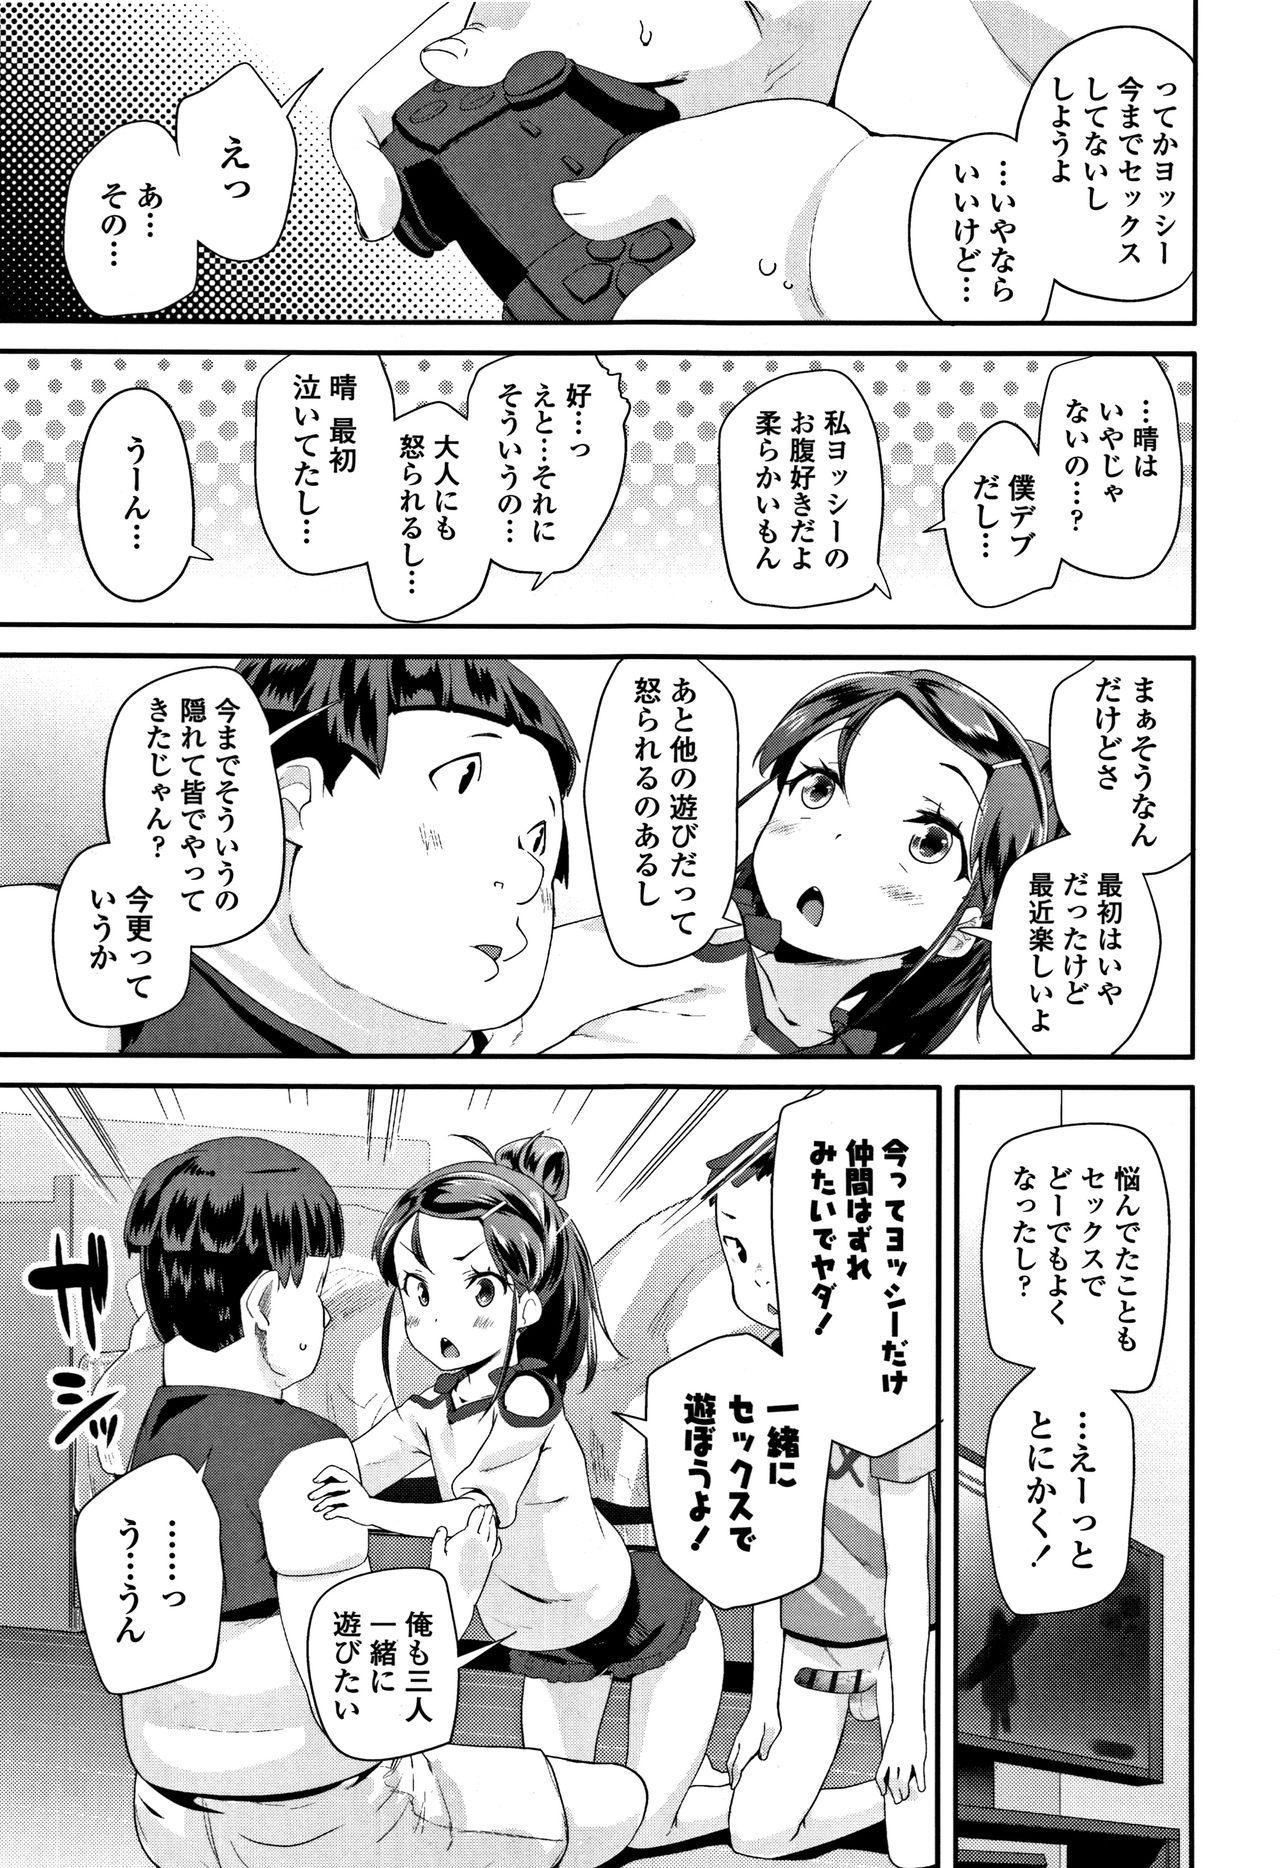 Kirakira Otona Lesson 59